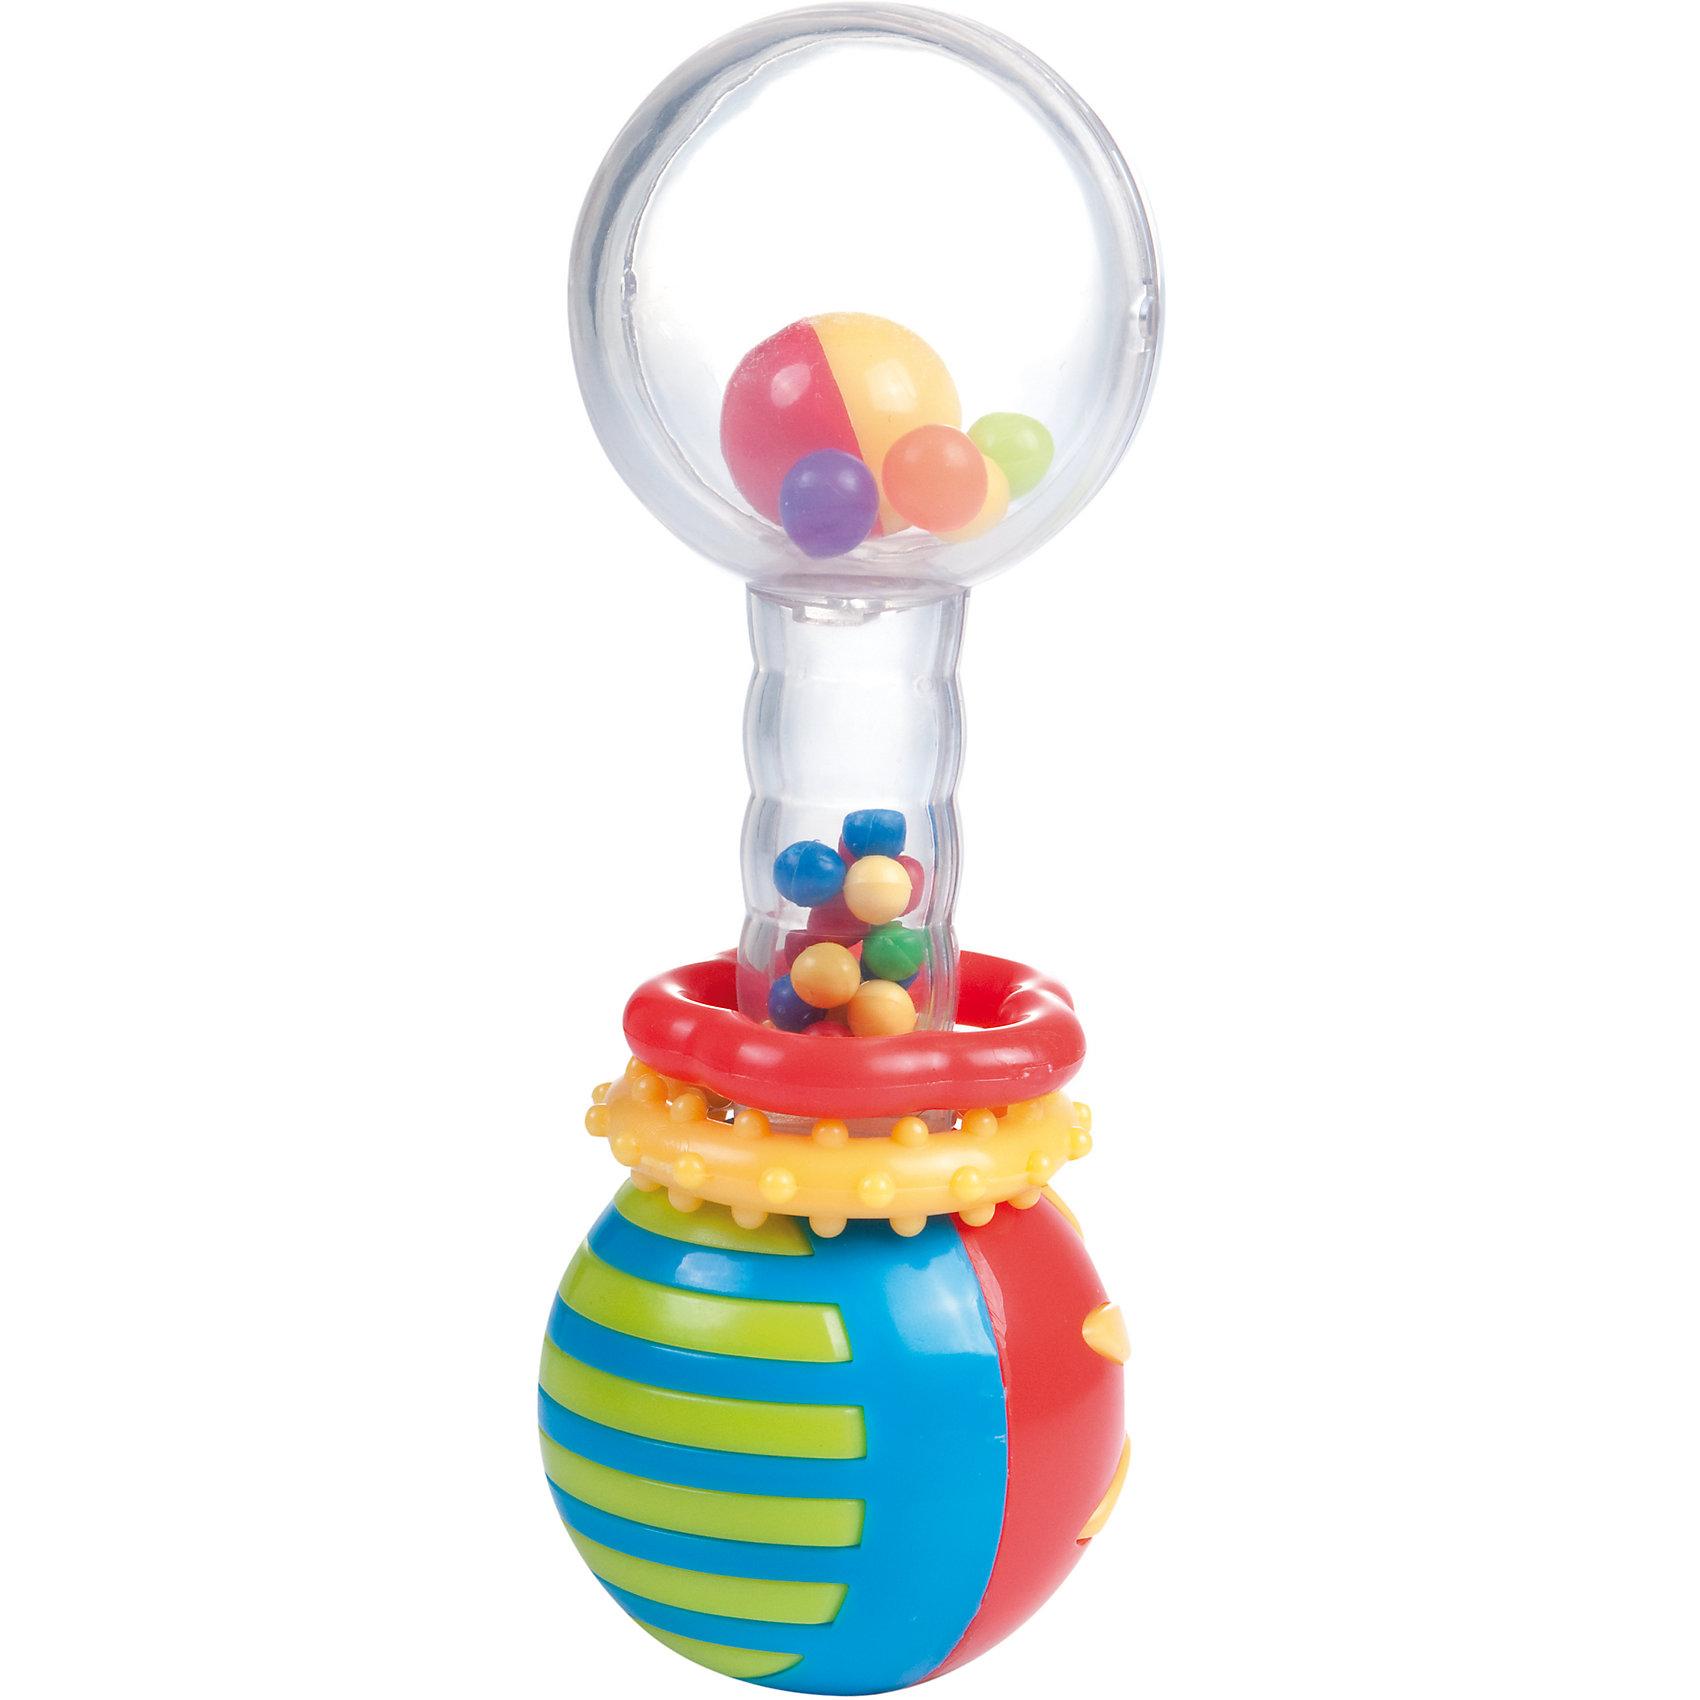 Погремушка-шарики Мяч, 0+, Canpol BabiesПогремушки<br>Погремушка-шарики Мяч, 0+, Canpol Babies ( Канпол Бейбис).<br>Характеристики:<br>• Материал:  пластик.<br>• Цвет: разноцветный.<br><br>Погремушка-шарики Мяч, 0+, Canpol Babies ( Канпол Бейбис), —  яркая и легкая игрушка, которую удобно держать в крошечных ручках. Она  сделана в форме гантельки с ярким мячиком внутри шара из высококачественного пластика, который совершенно безопасен для здоровья вашего малыша! Карапузу будет удобно держать игрушку у себя в ручке! Играя с этой погремушкой, ребенок будет развивать моторику рук, тактильное и звуковое восприятие.<br><br>Погремушка-шарики Мяч, 0+, Canpol Babies ( Канпол Бейбис), можно купить в нашем интернет – магазине.<br><br>Ширина мм: 155<br>Глубина мм: 40<br>Высота мм: 210<br>Вес г: 560<br>Возраст от месяцев: 0<br>Возраст до месяцев: 18<br>Пол: Унисекс<br>Возраст: Детский<br>SKU: 5156769